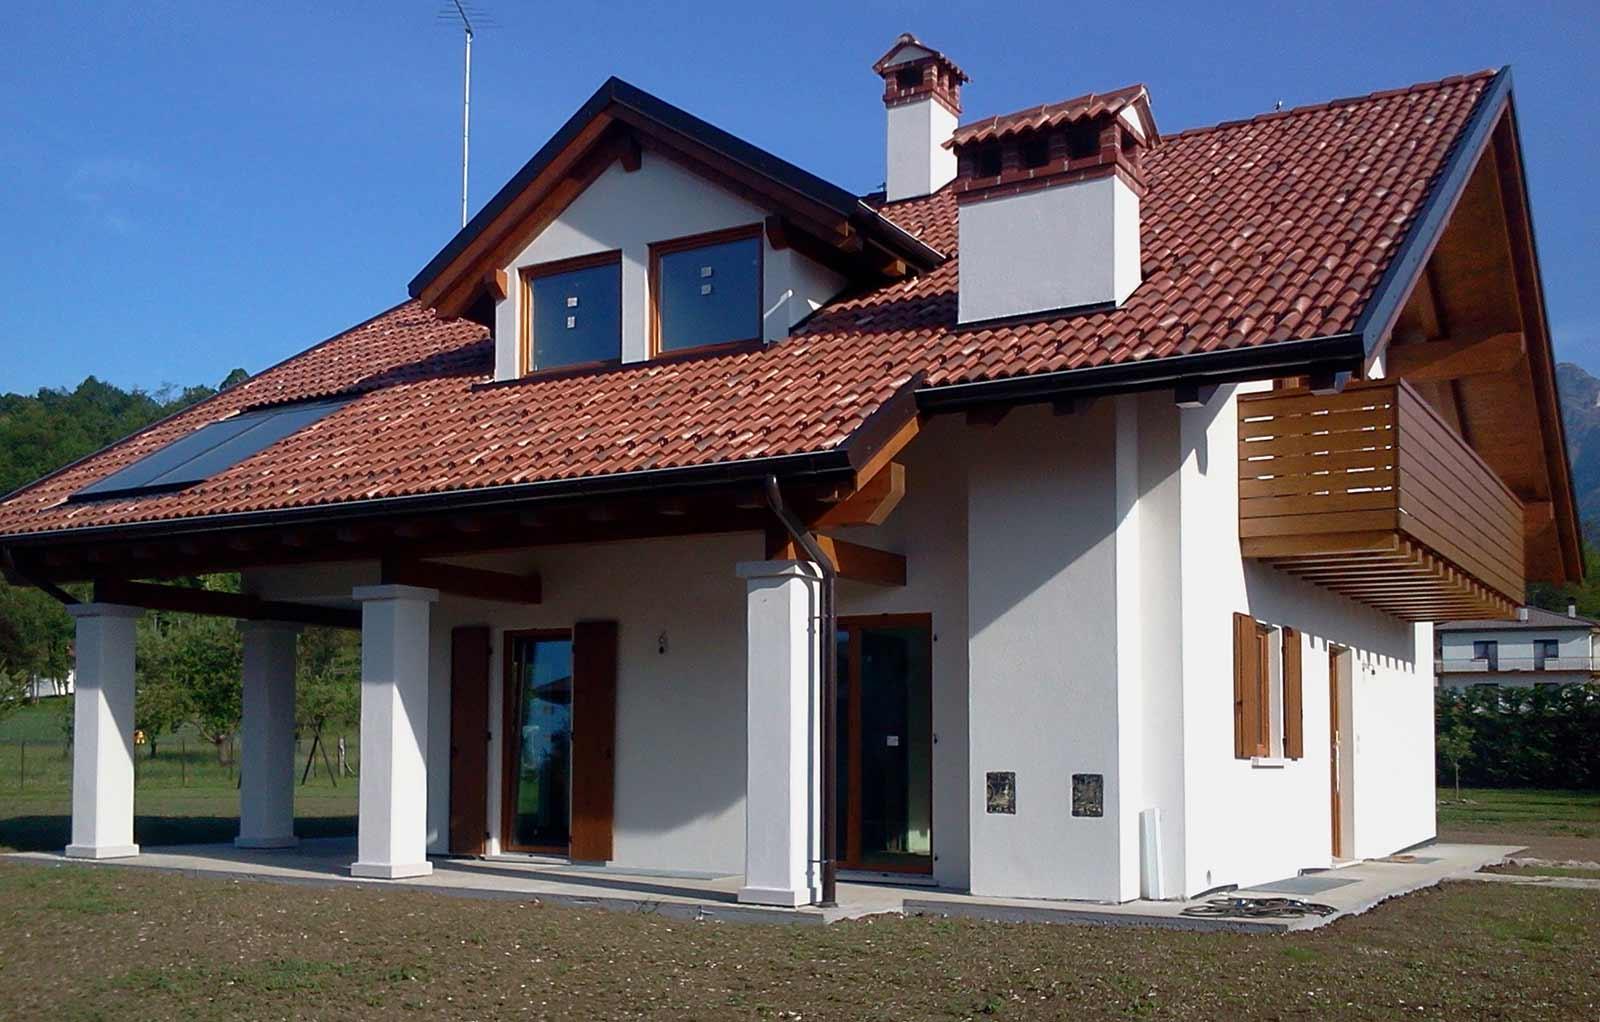 Casa con patio Woodbau Longarone